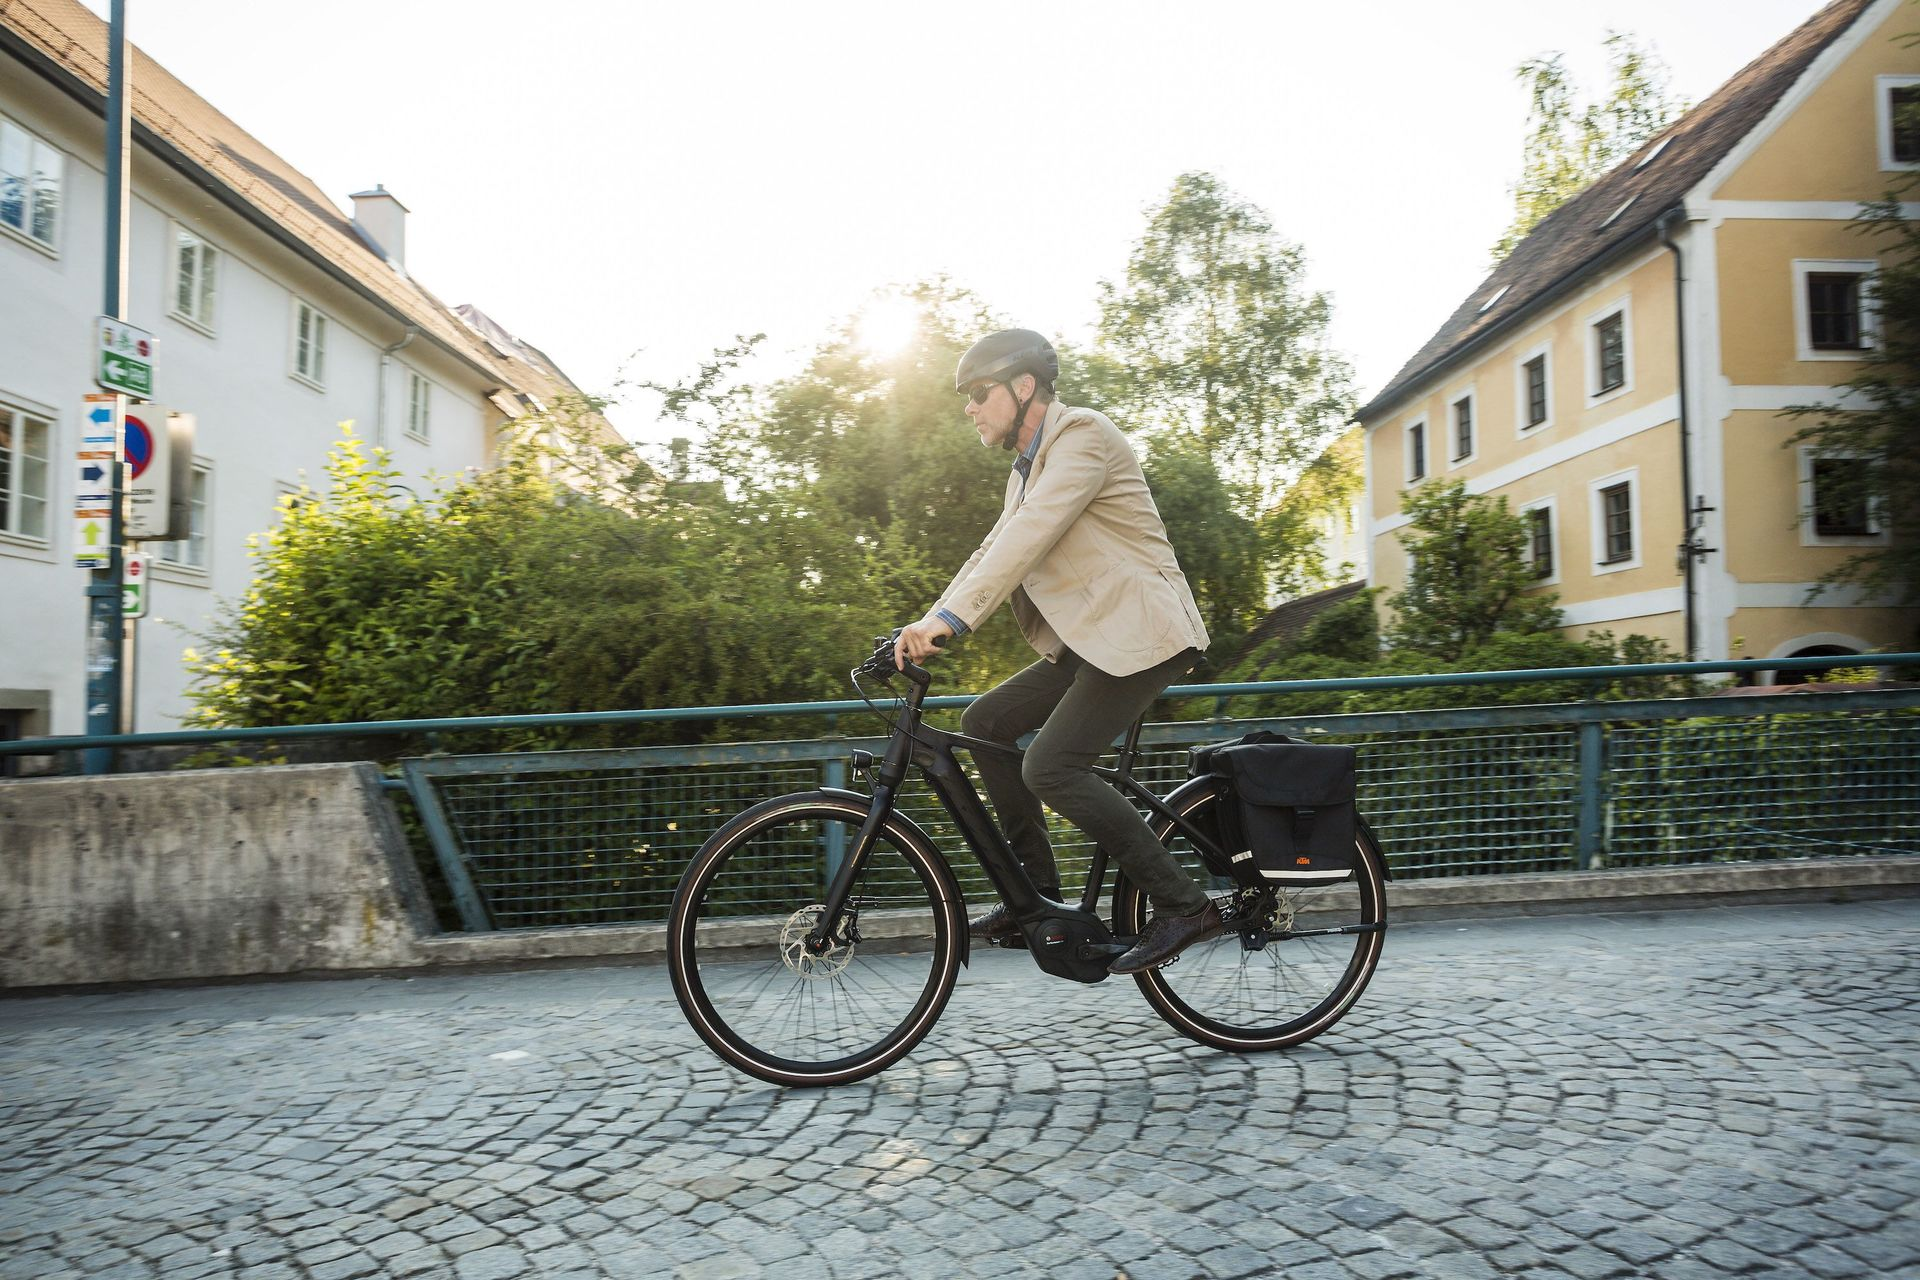 Rower z napędem elektrycznym - najwygodniejsza miejska alternatywa